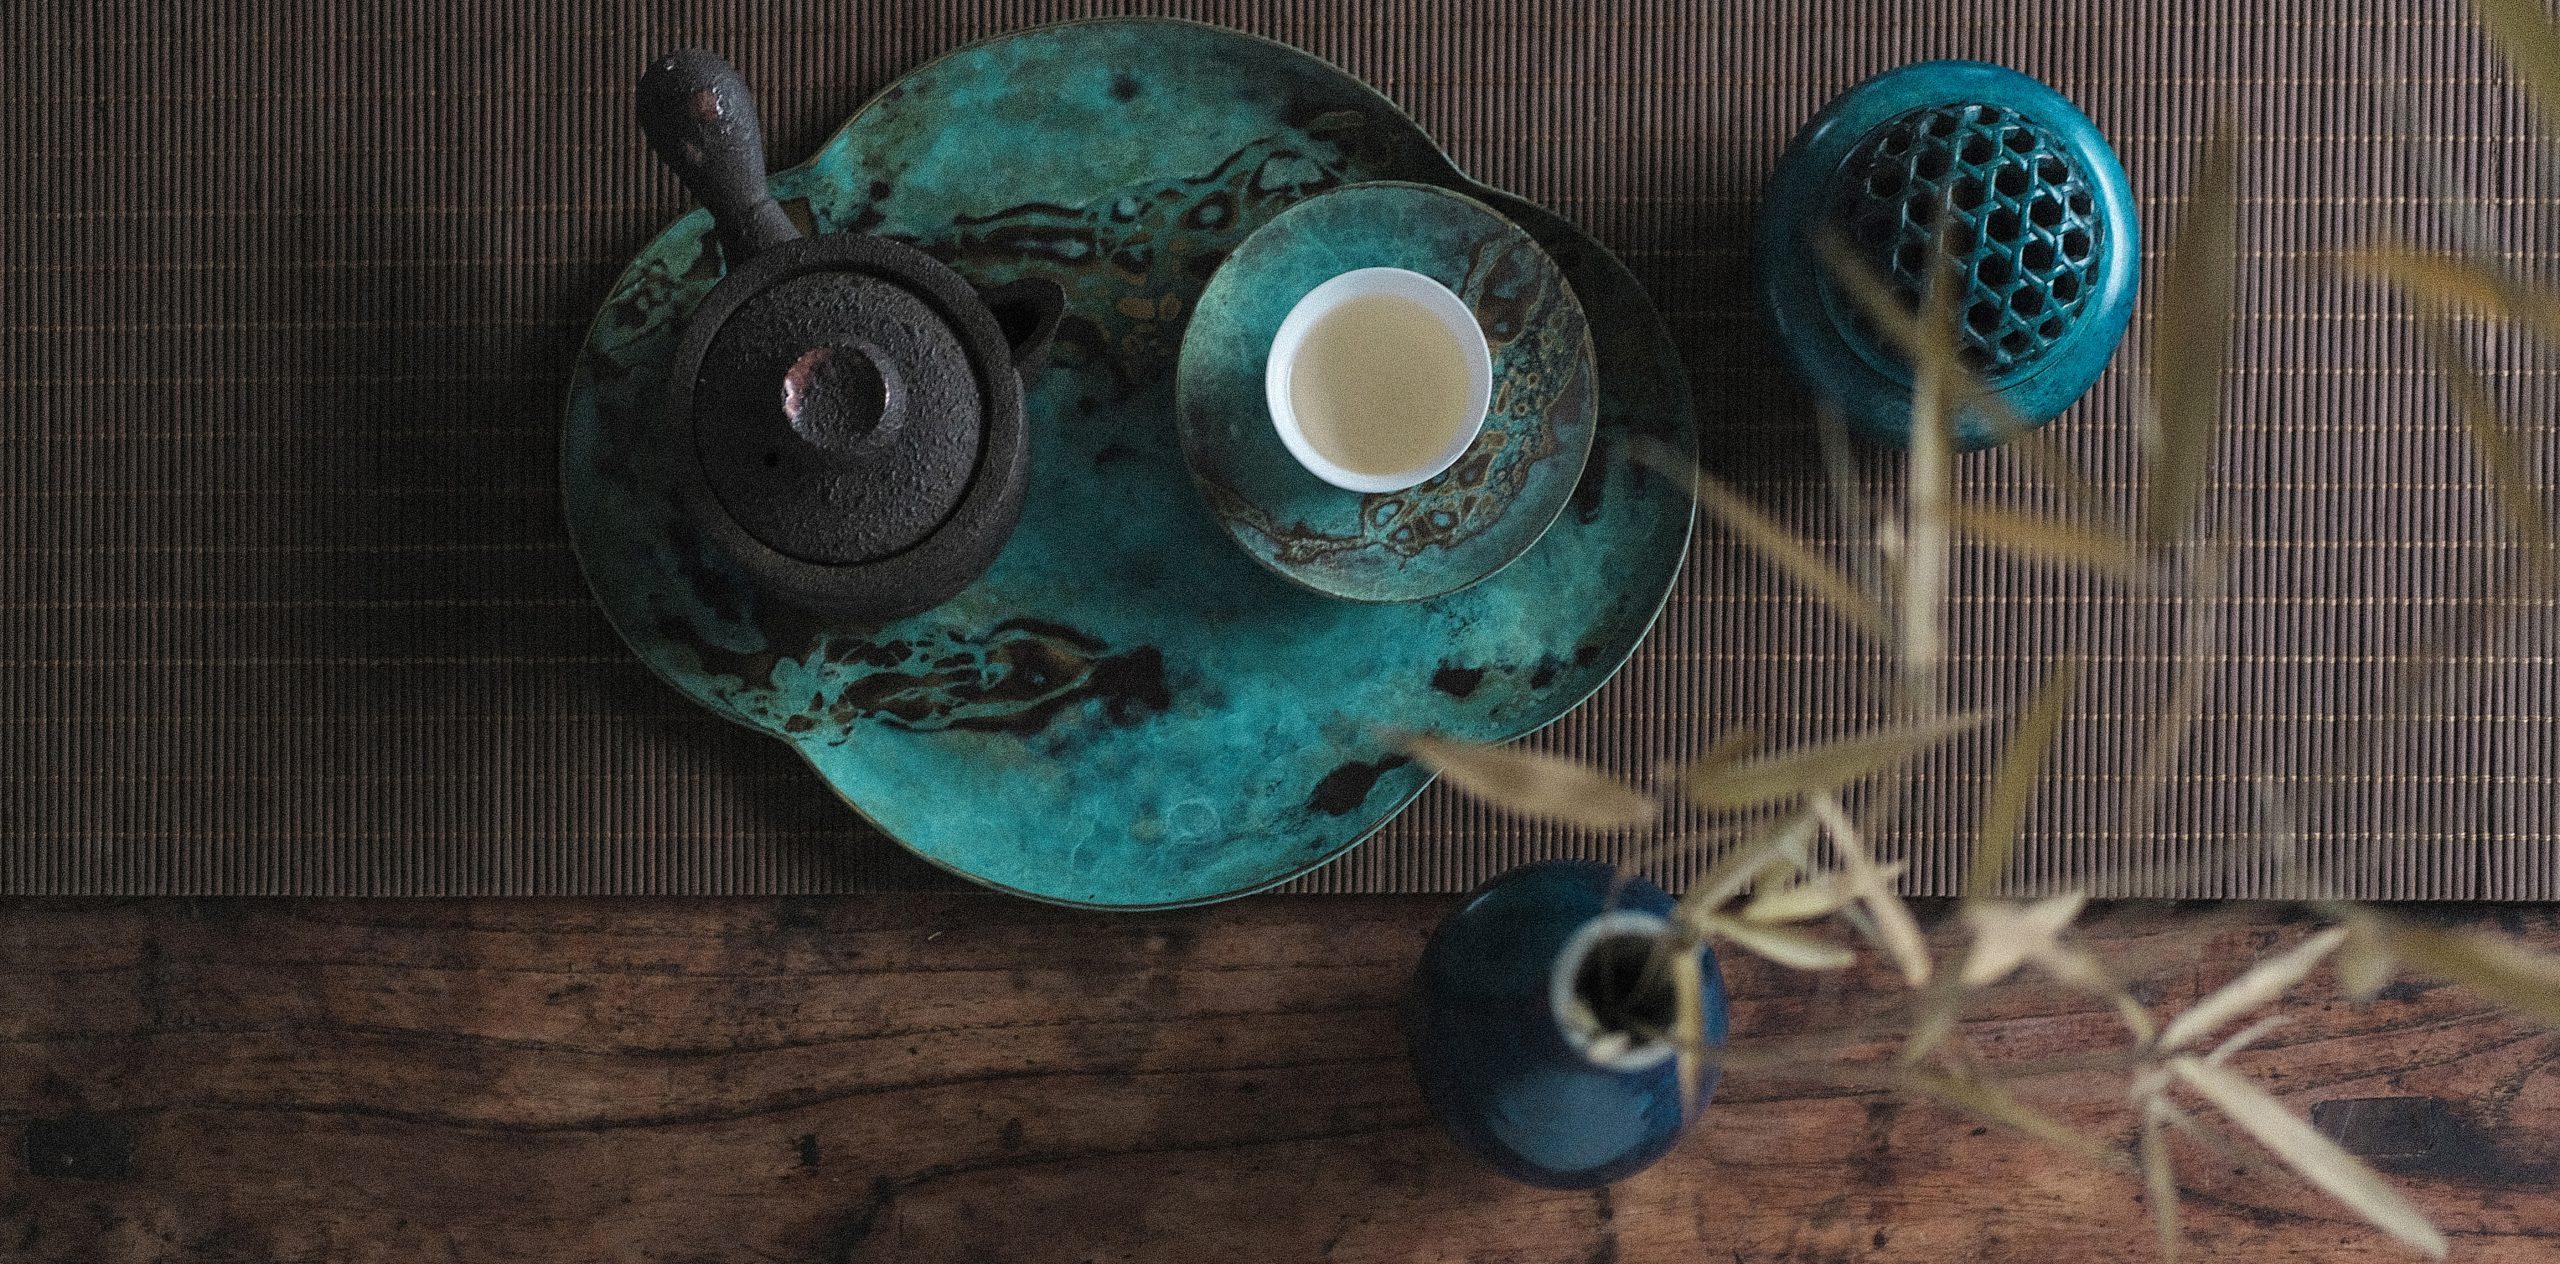 Khi pha trà hoa điều quan trọng nhất là nhiệt độ, kiểm soát được nhiệt độ là kiểm soát được hương hoa